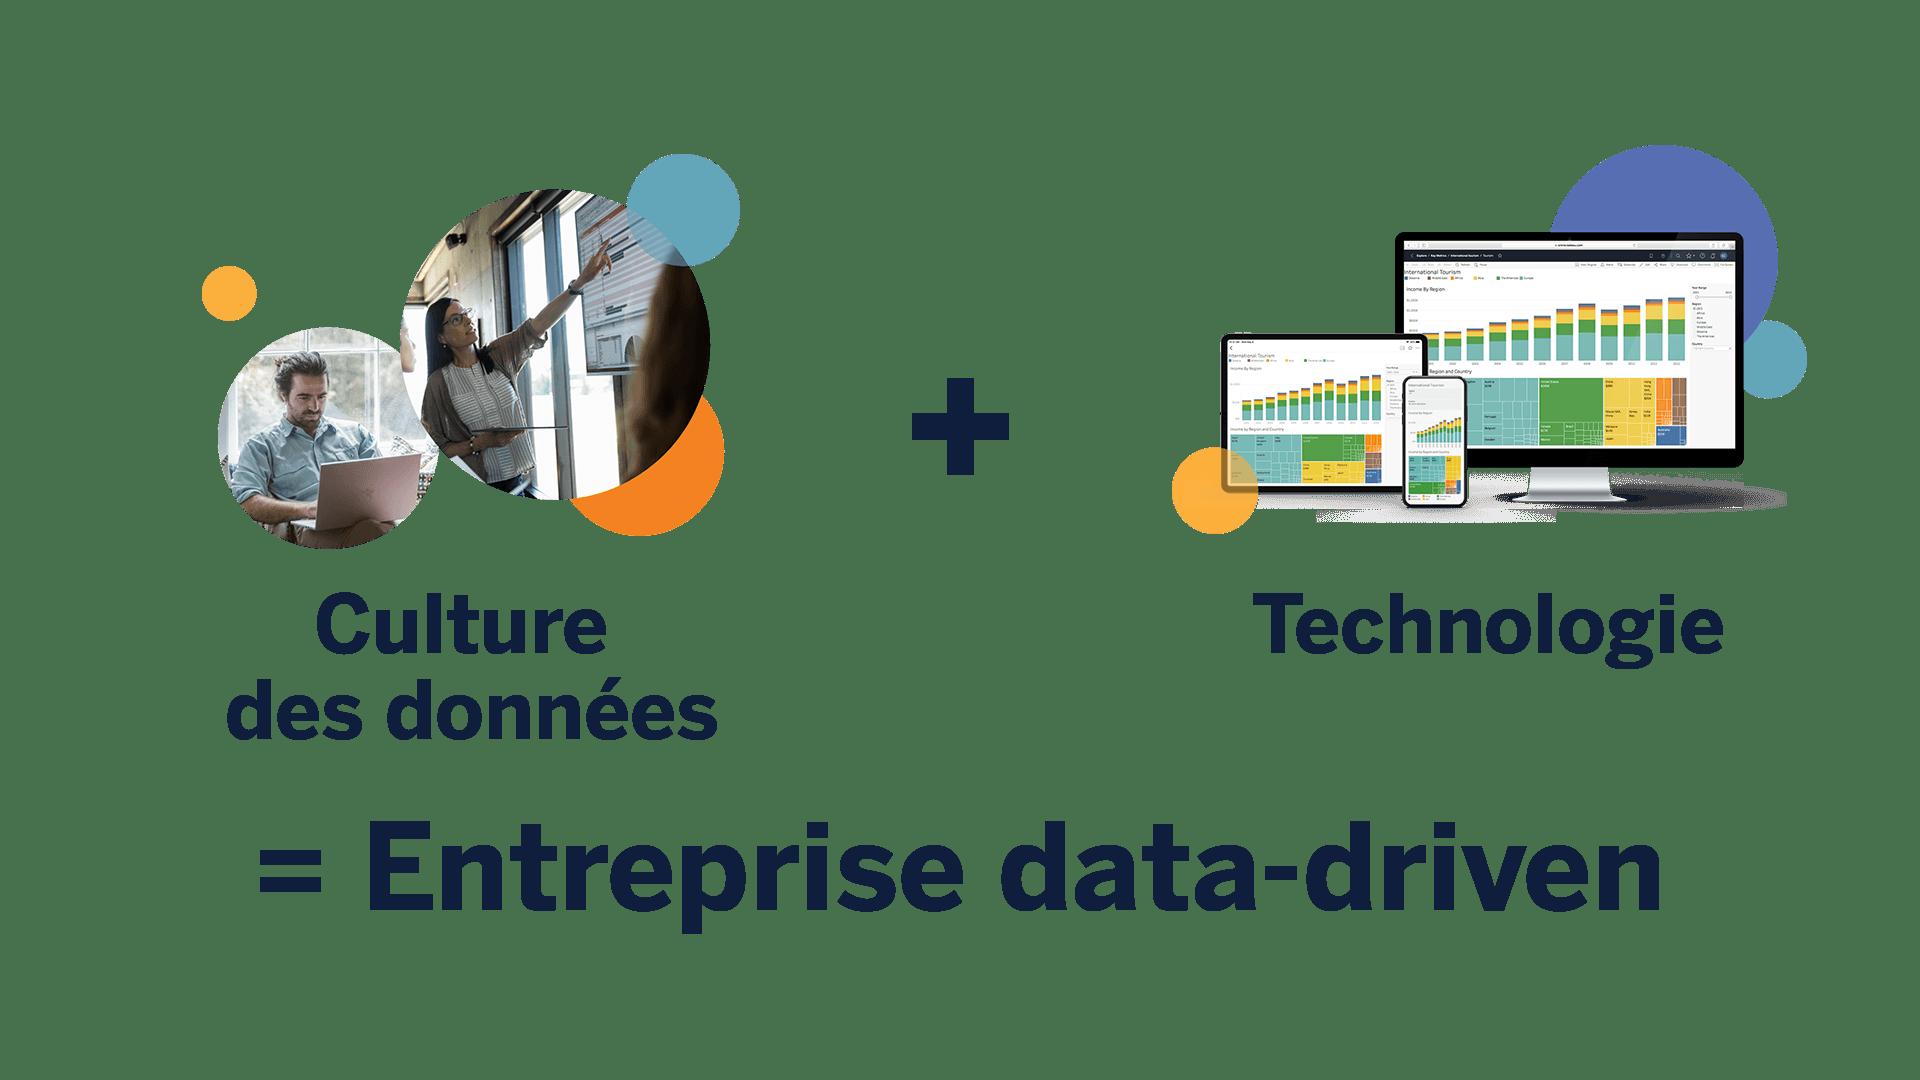 Culture des données+Technologie =Entreprise data-driven